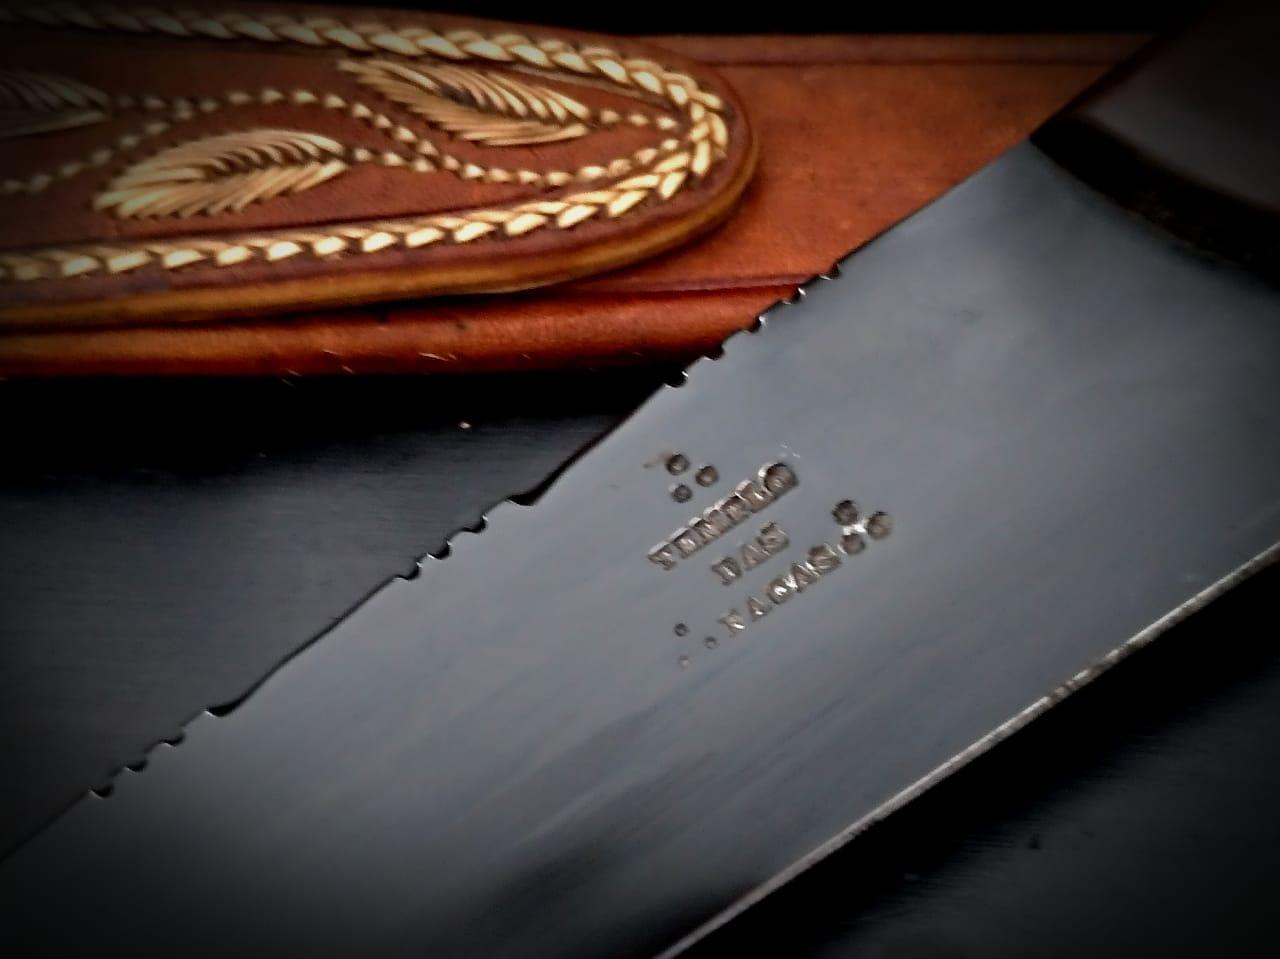 Faca artesanal de lida aço carbono 12 polegadas